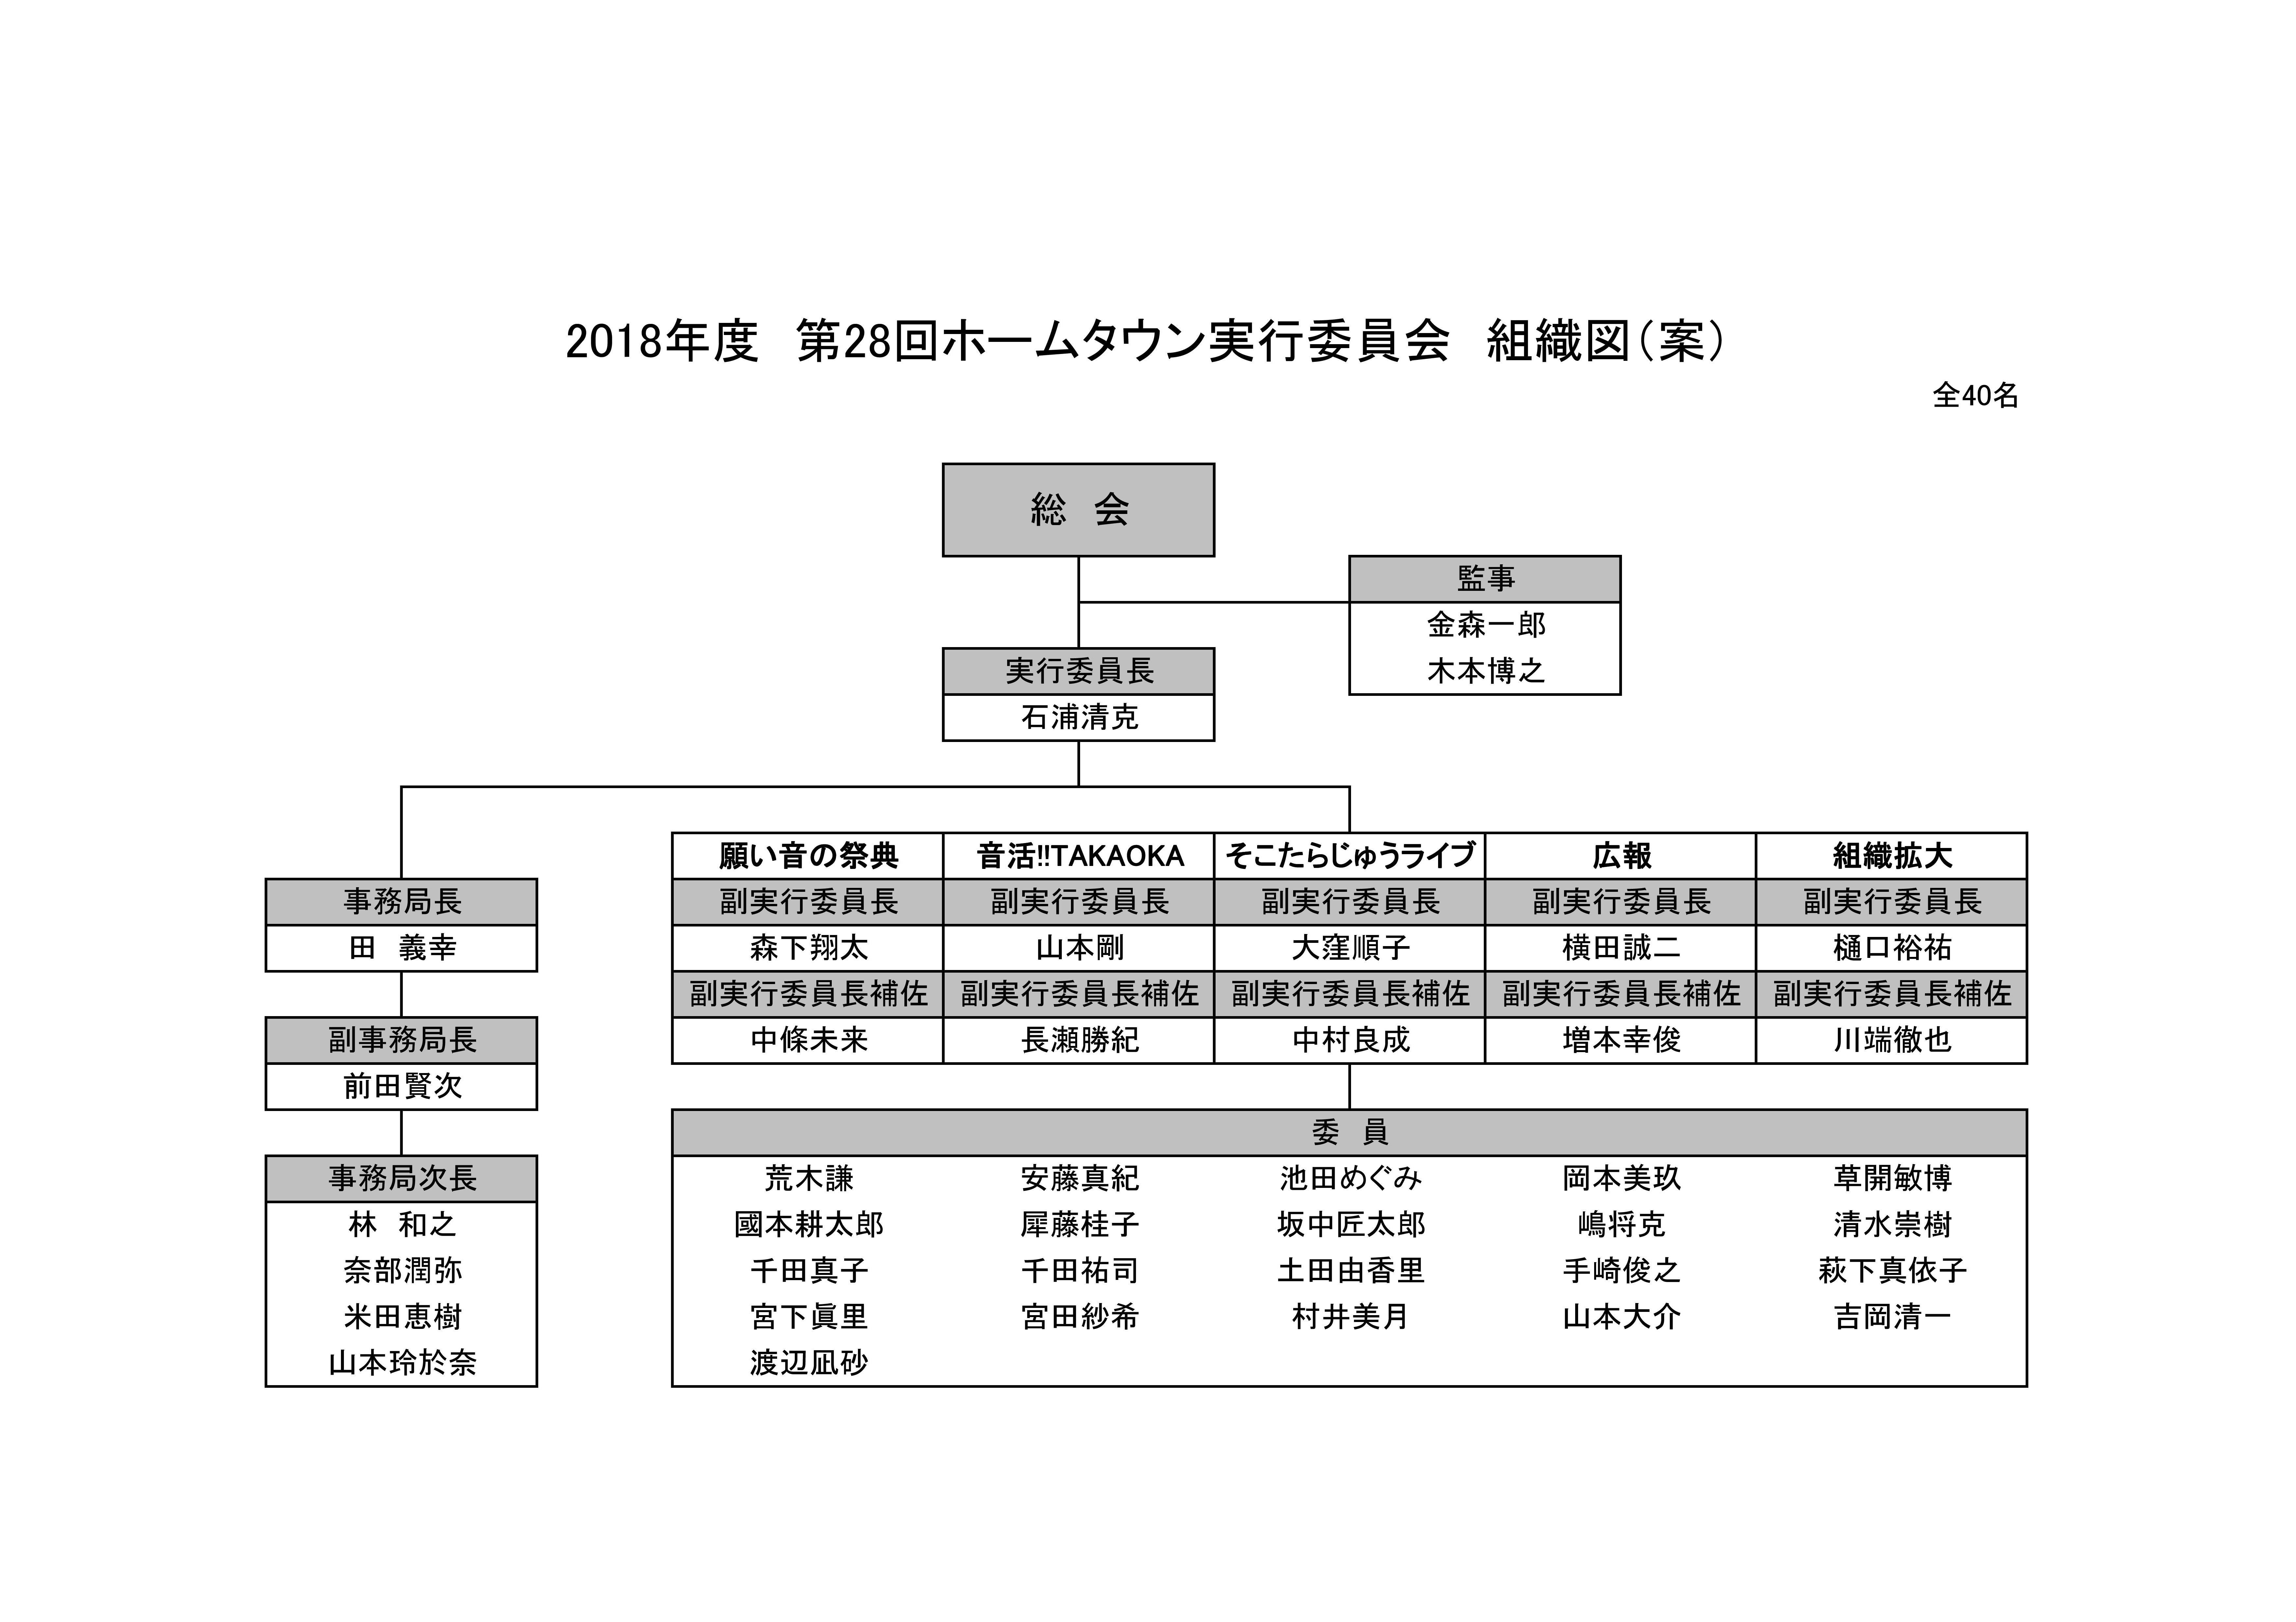 2018.05.09 ホームタウン組織図(案)02